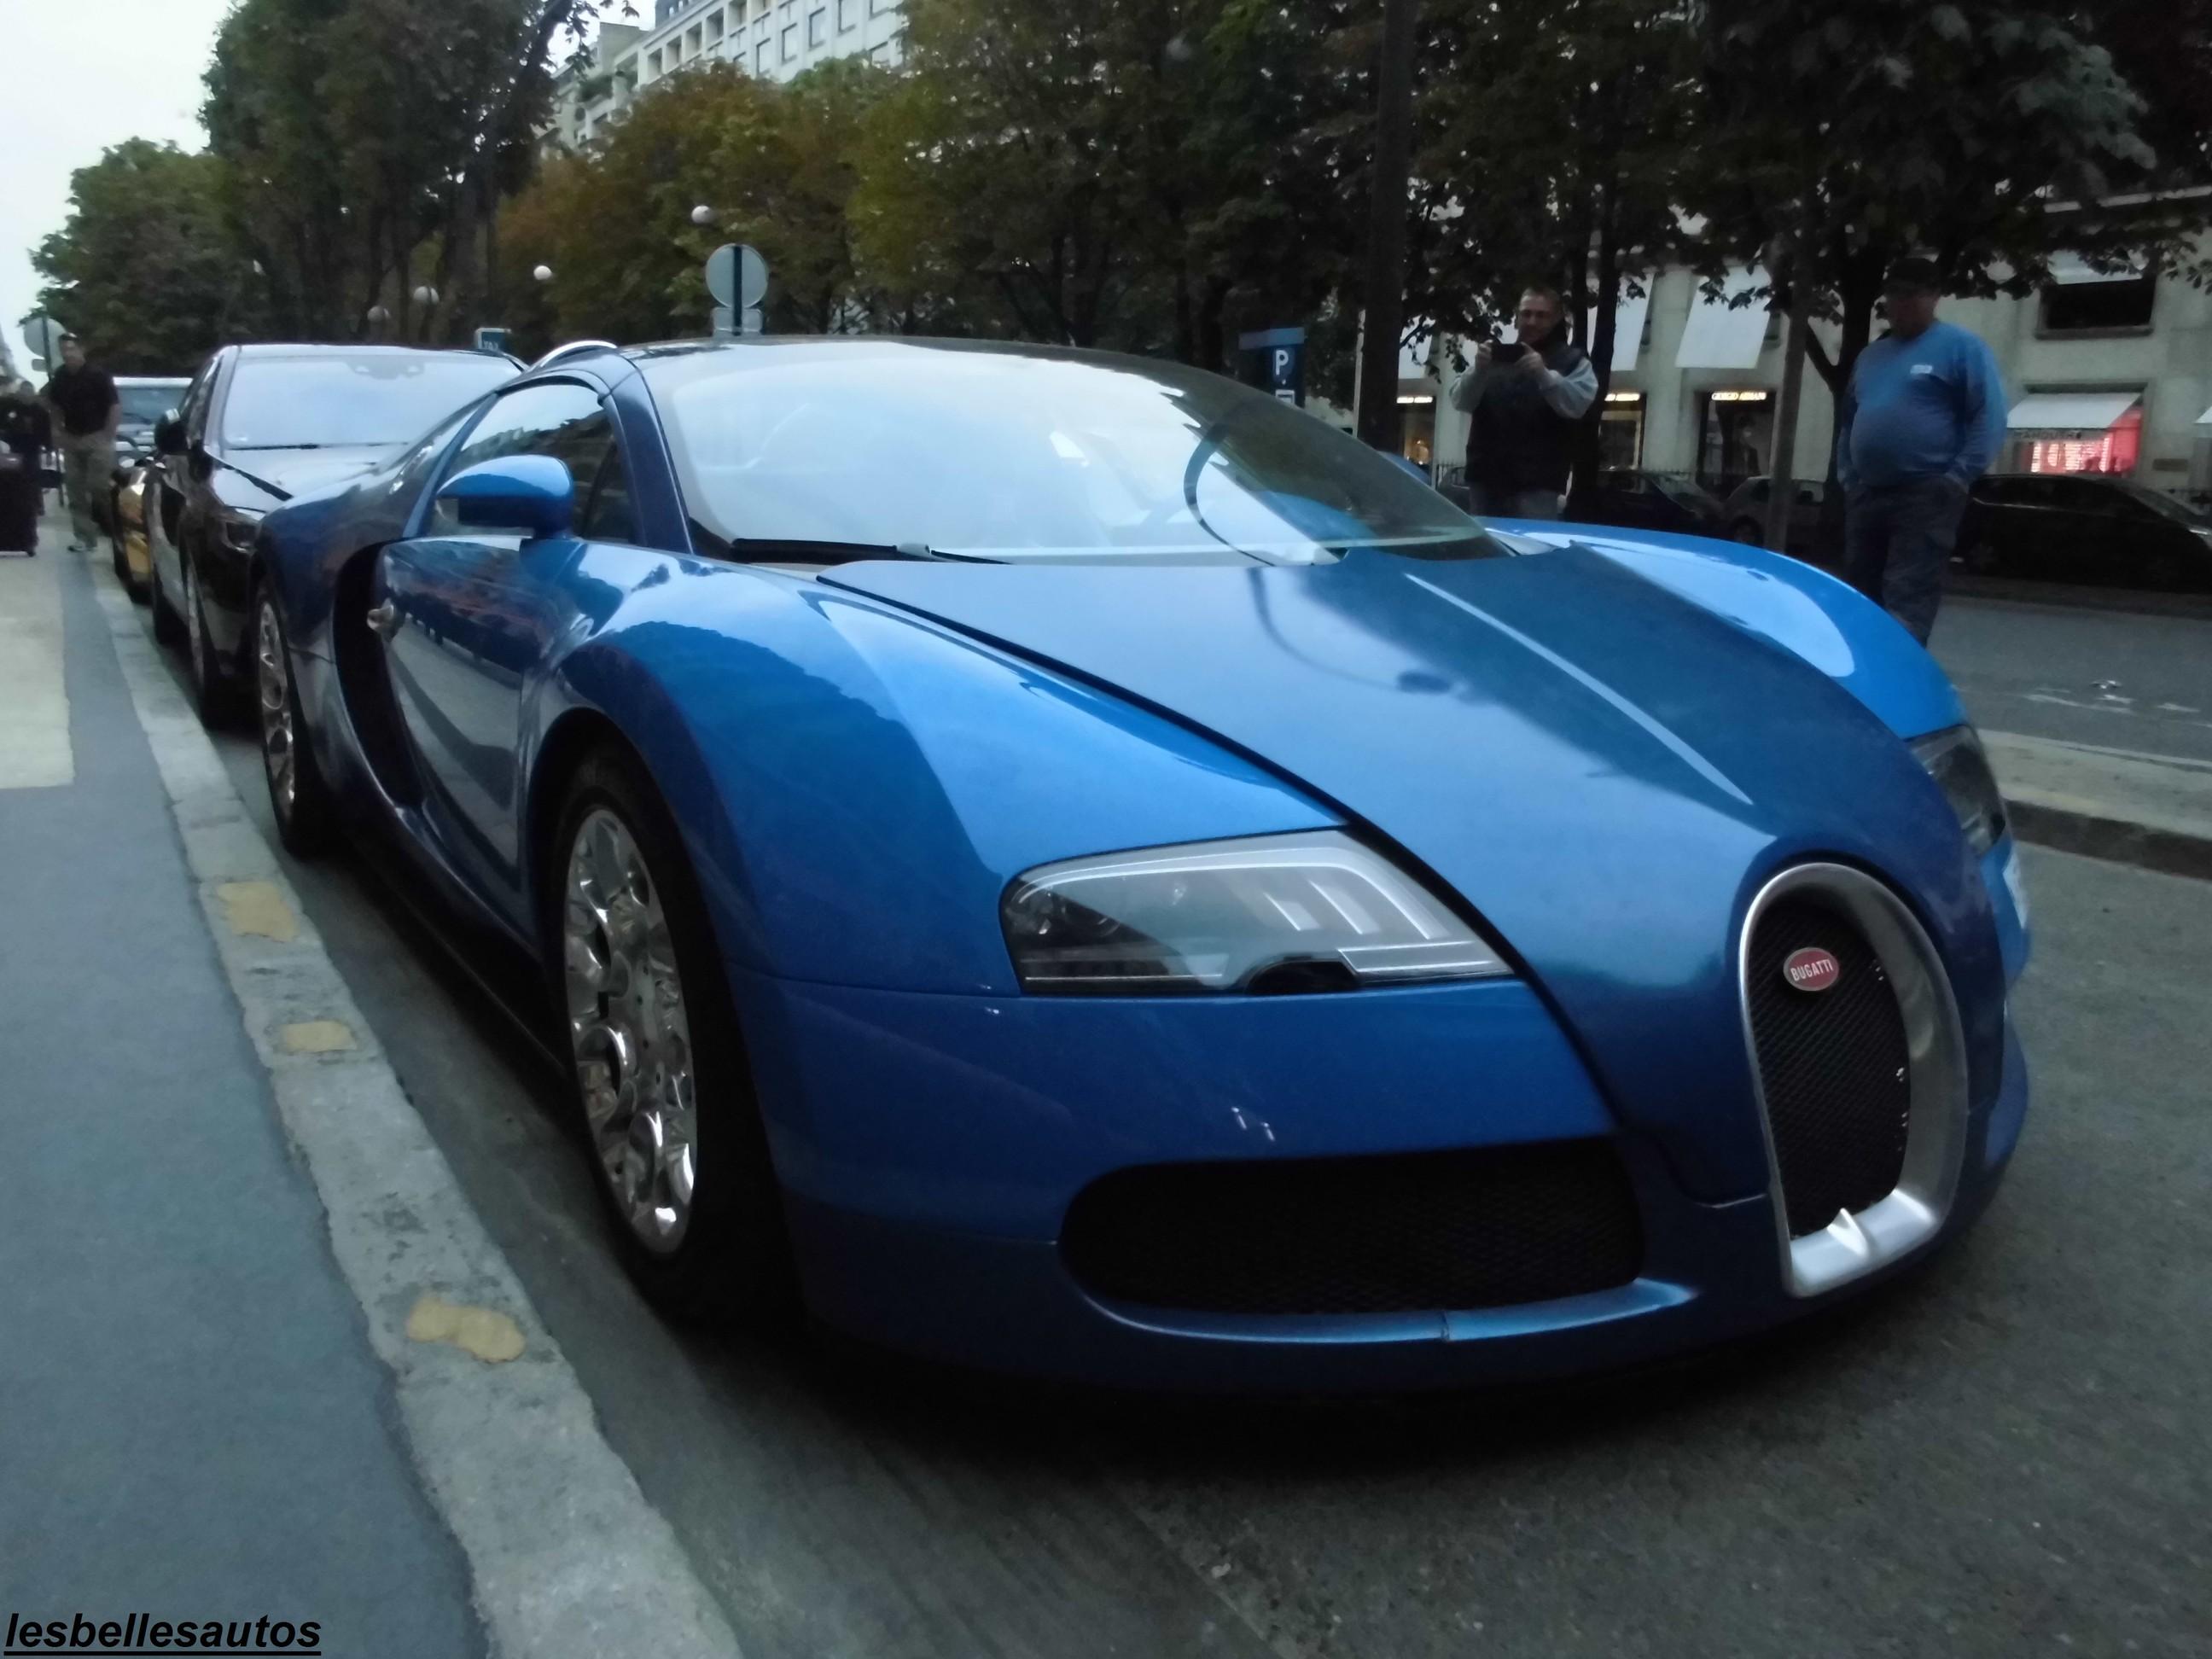 08c2928ca9 Exciting Bugatti Veyron Grand Sport Vitesse Fiche Technique Cars Trend